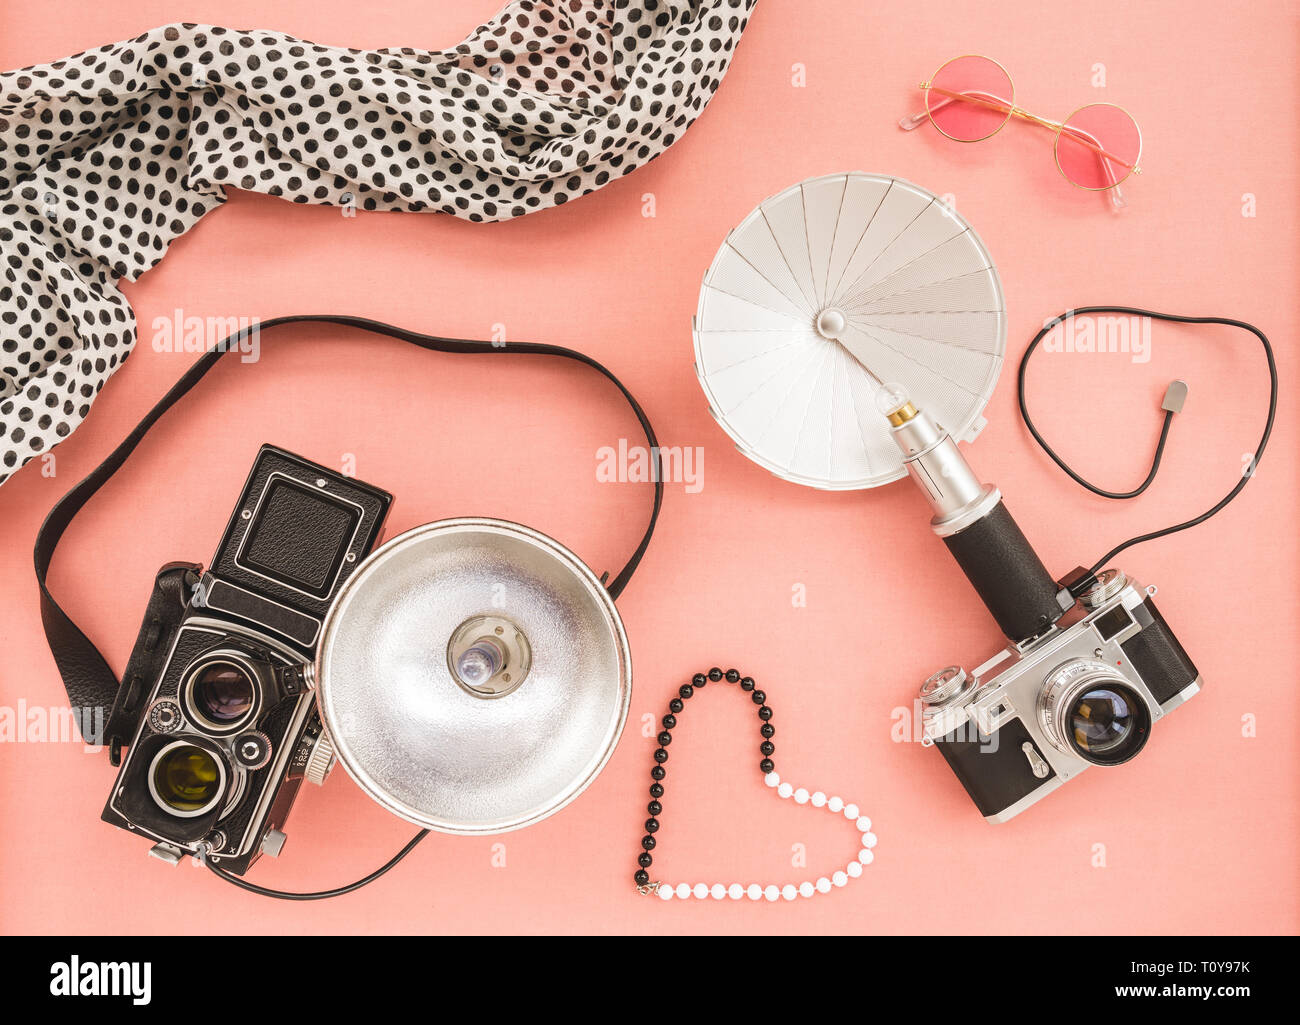 Vintage photo appareils photos avec flashs, sur fond de toile rose. Banque D'Images